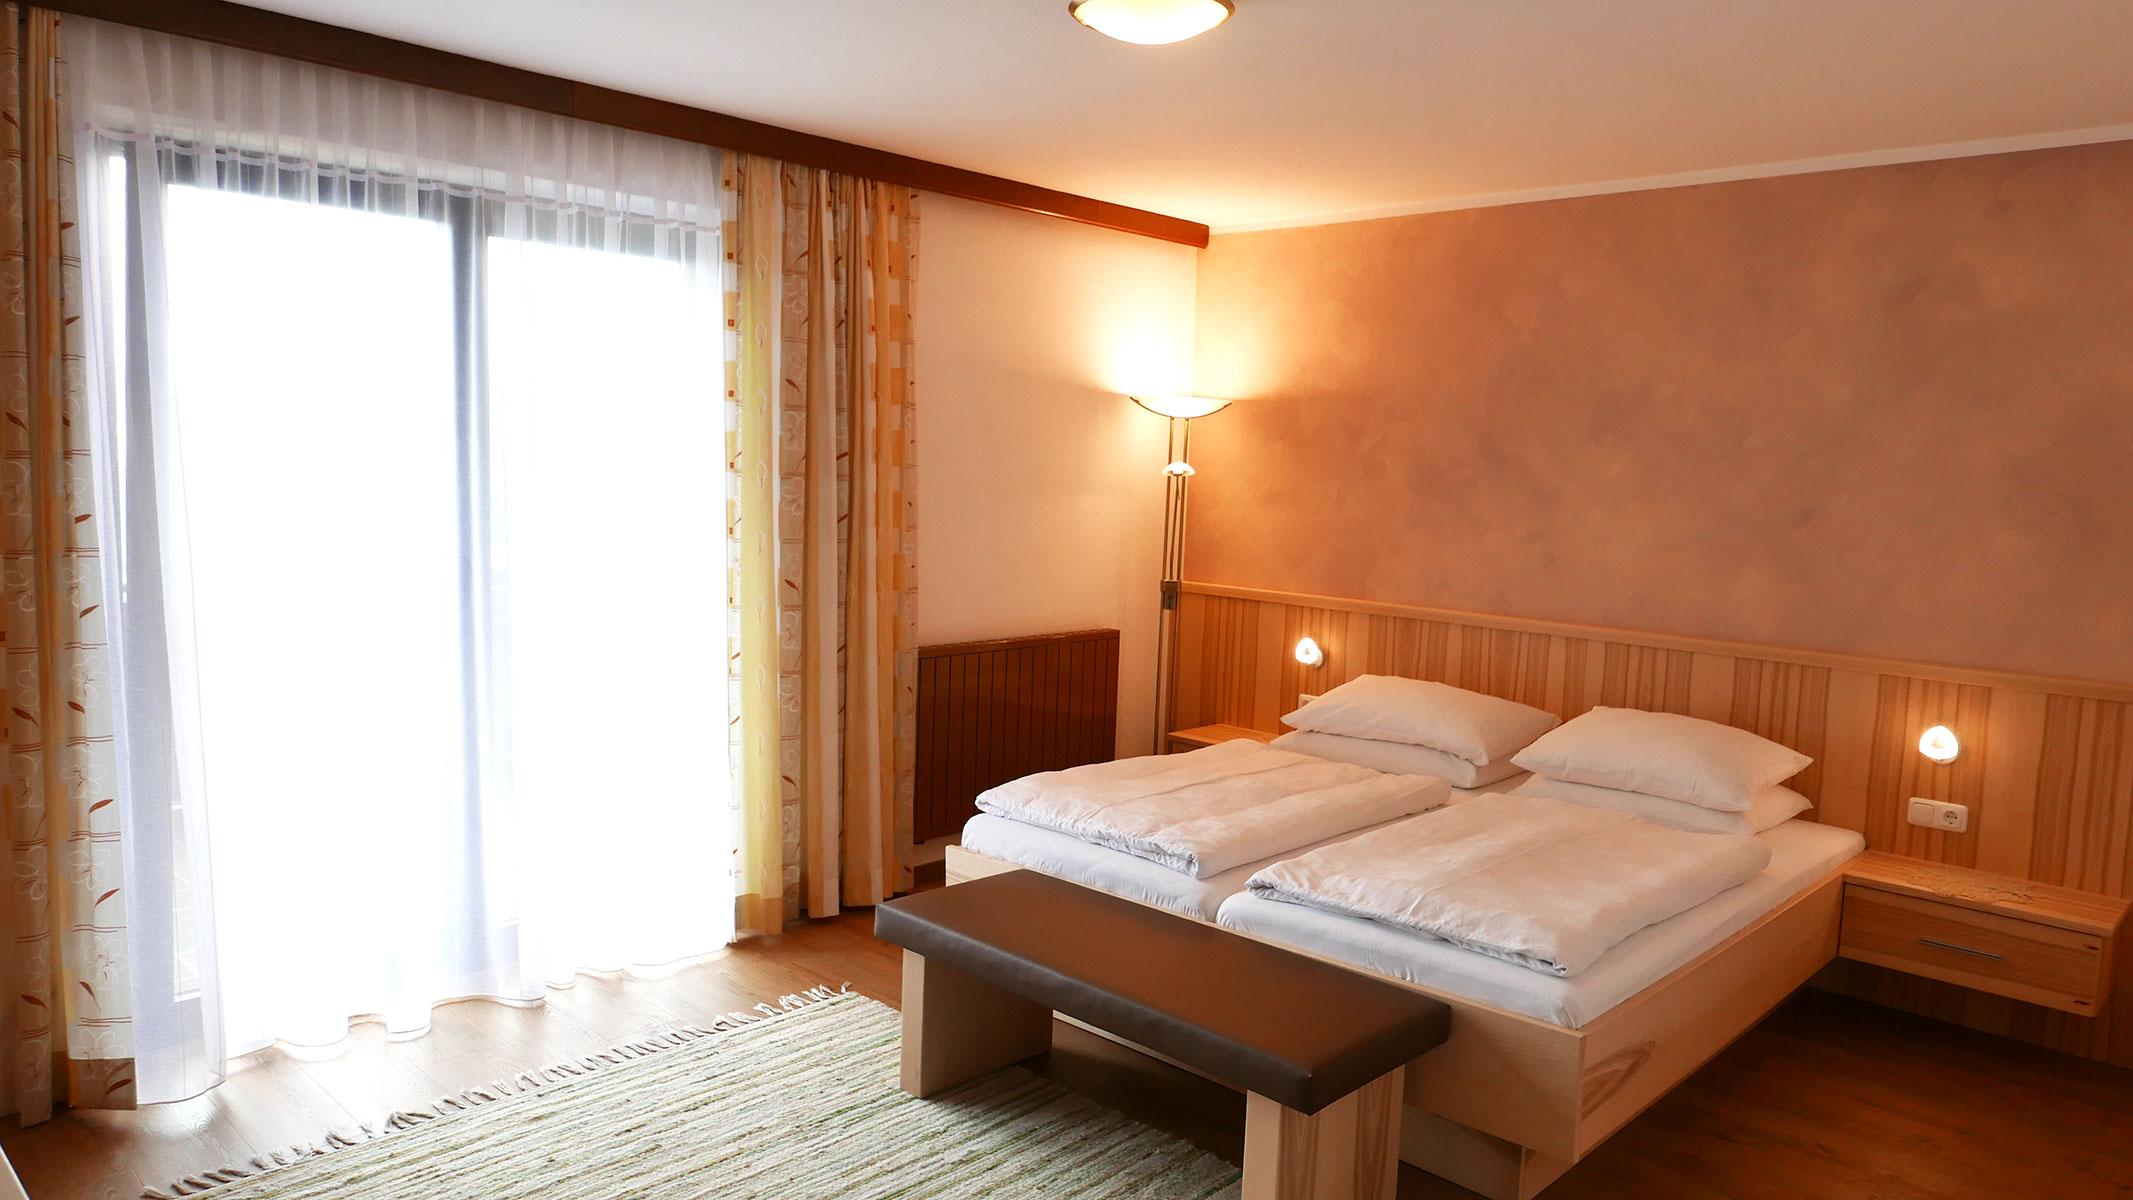 komfortabl eingerichtete Zimmer im Gasthof Sonnenhof